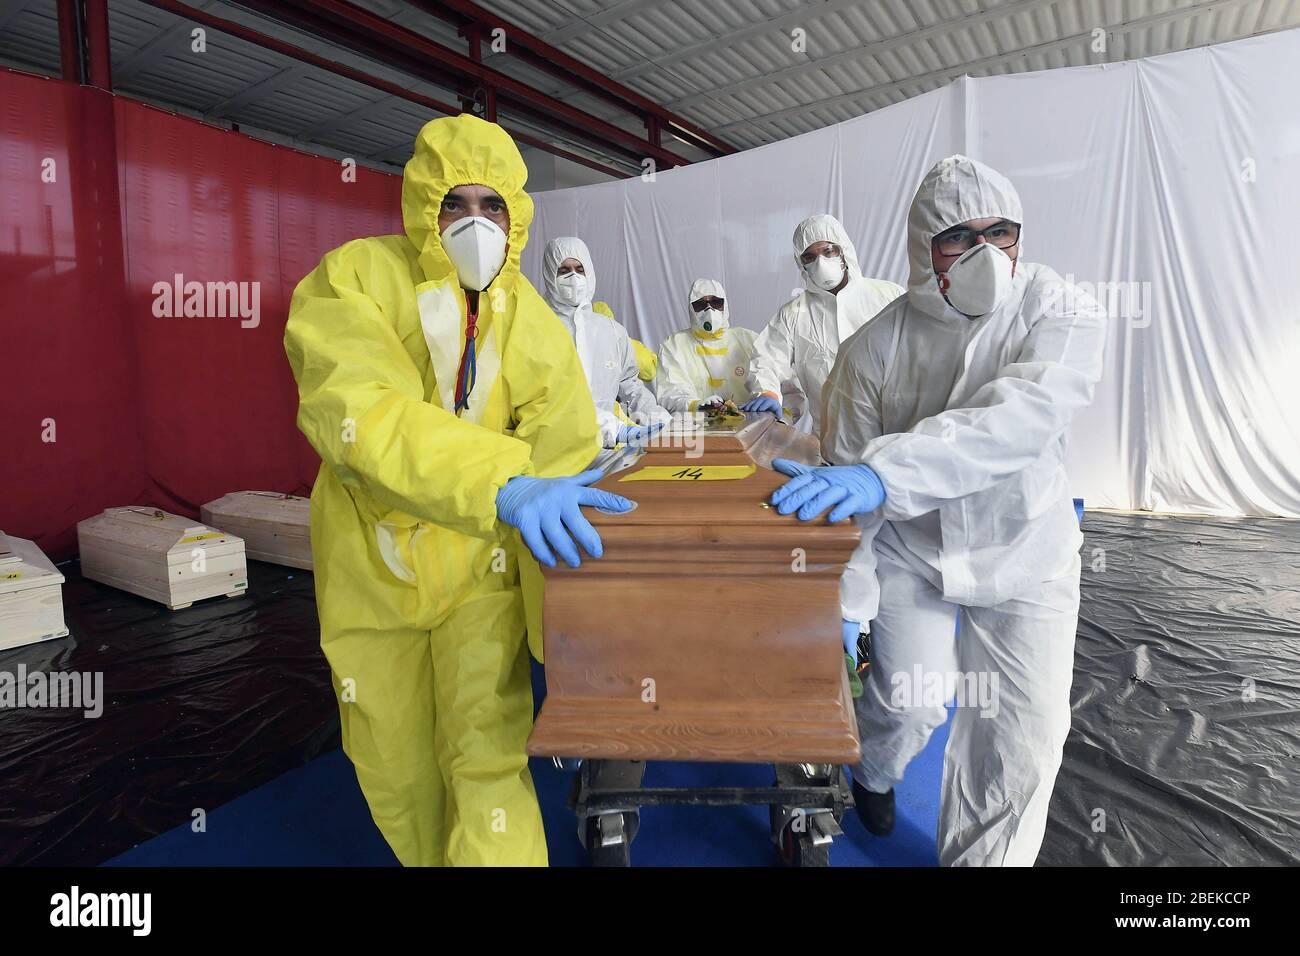 Italia, Regione Lombardia, Ponte San Pietro (Bergamo), 13 aprile 2020 : emergenza Coronavirus, Covid-19. Gli uomini di produzione civile prendono le bare in un d Foto Stock